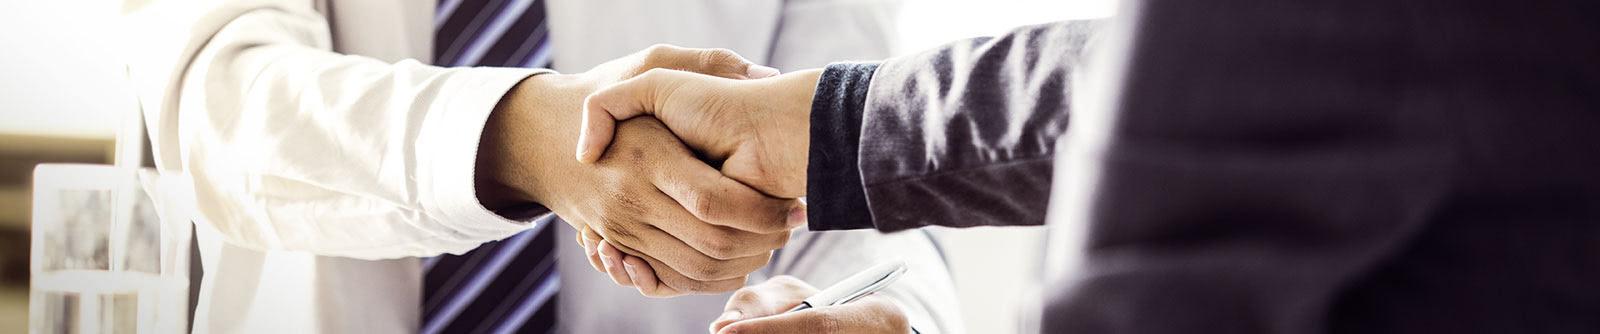 Header-Service-Handschütteln-Bueromitarbeiter